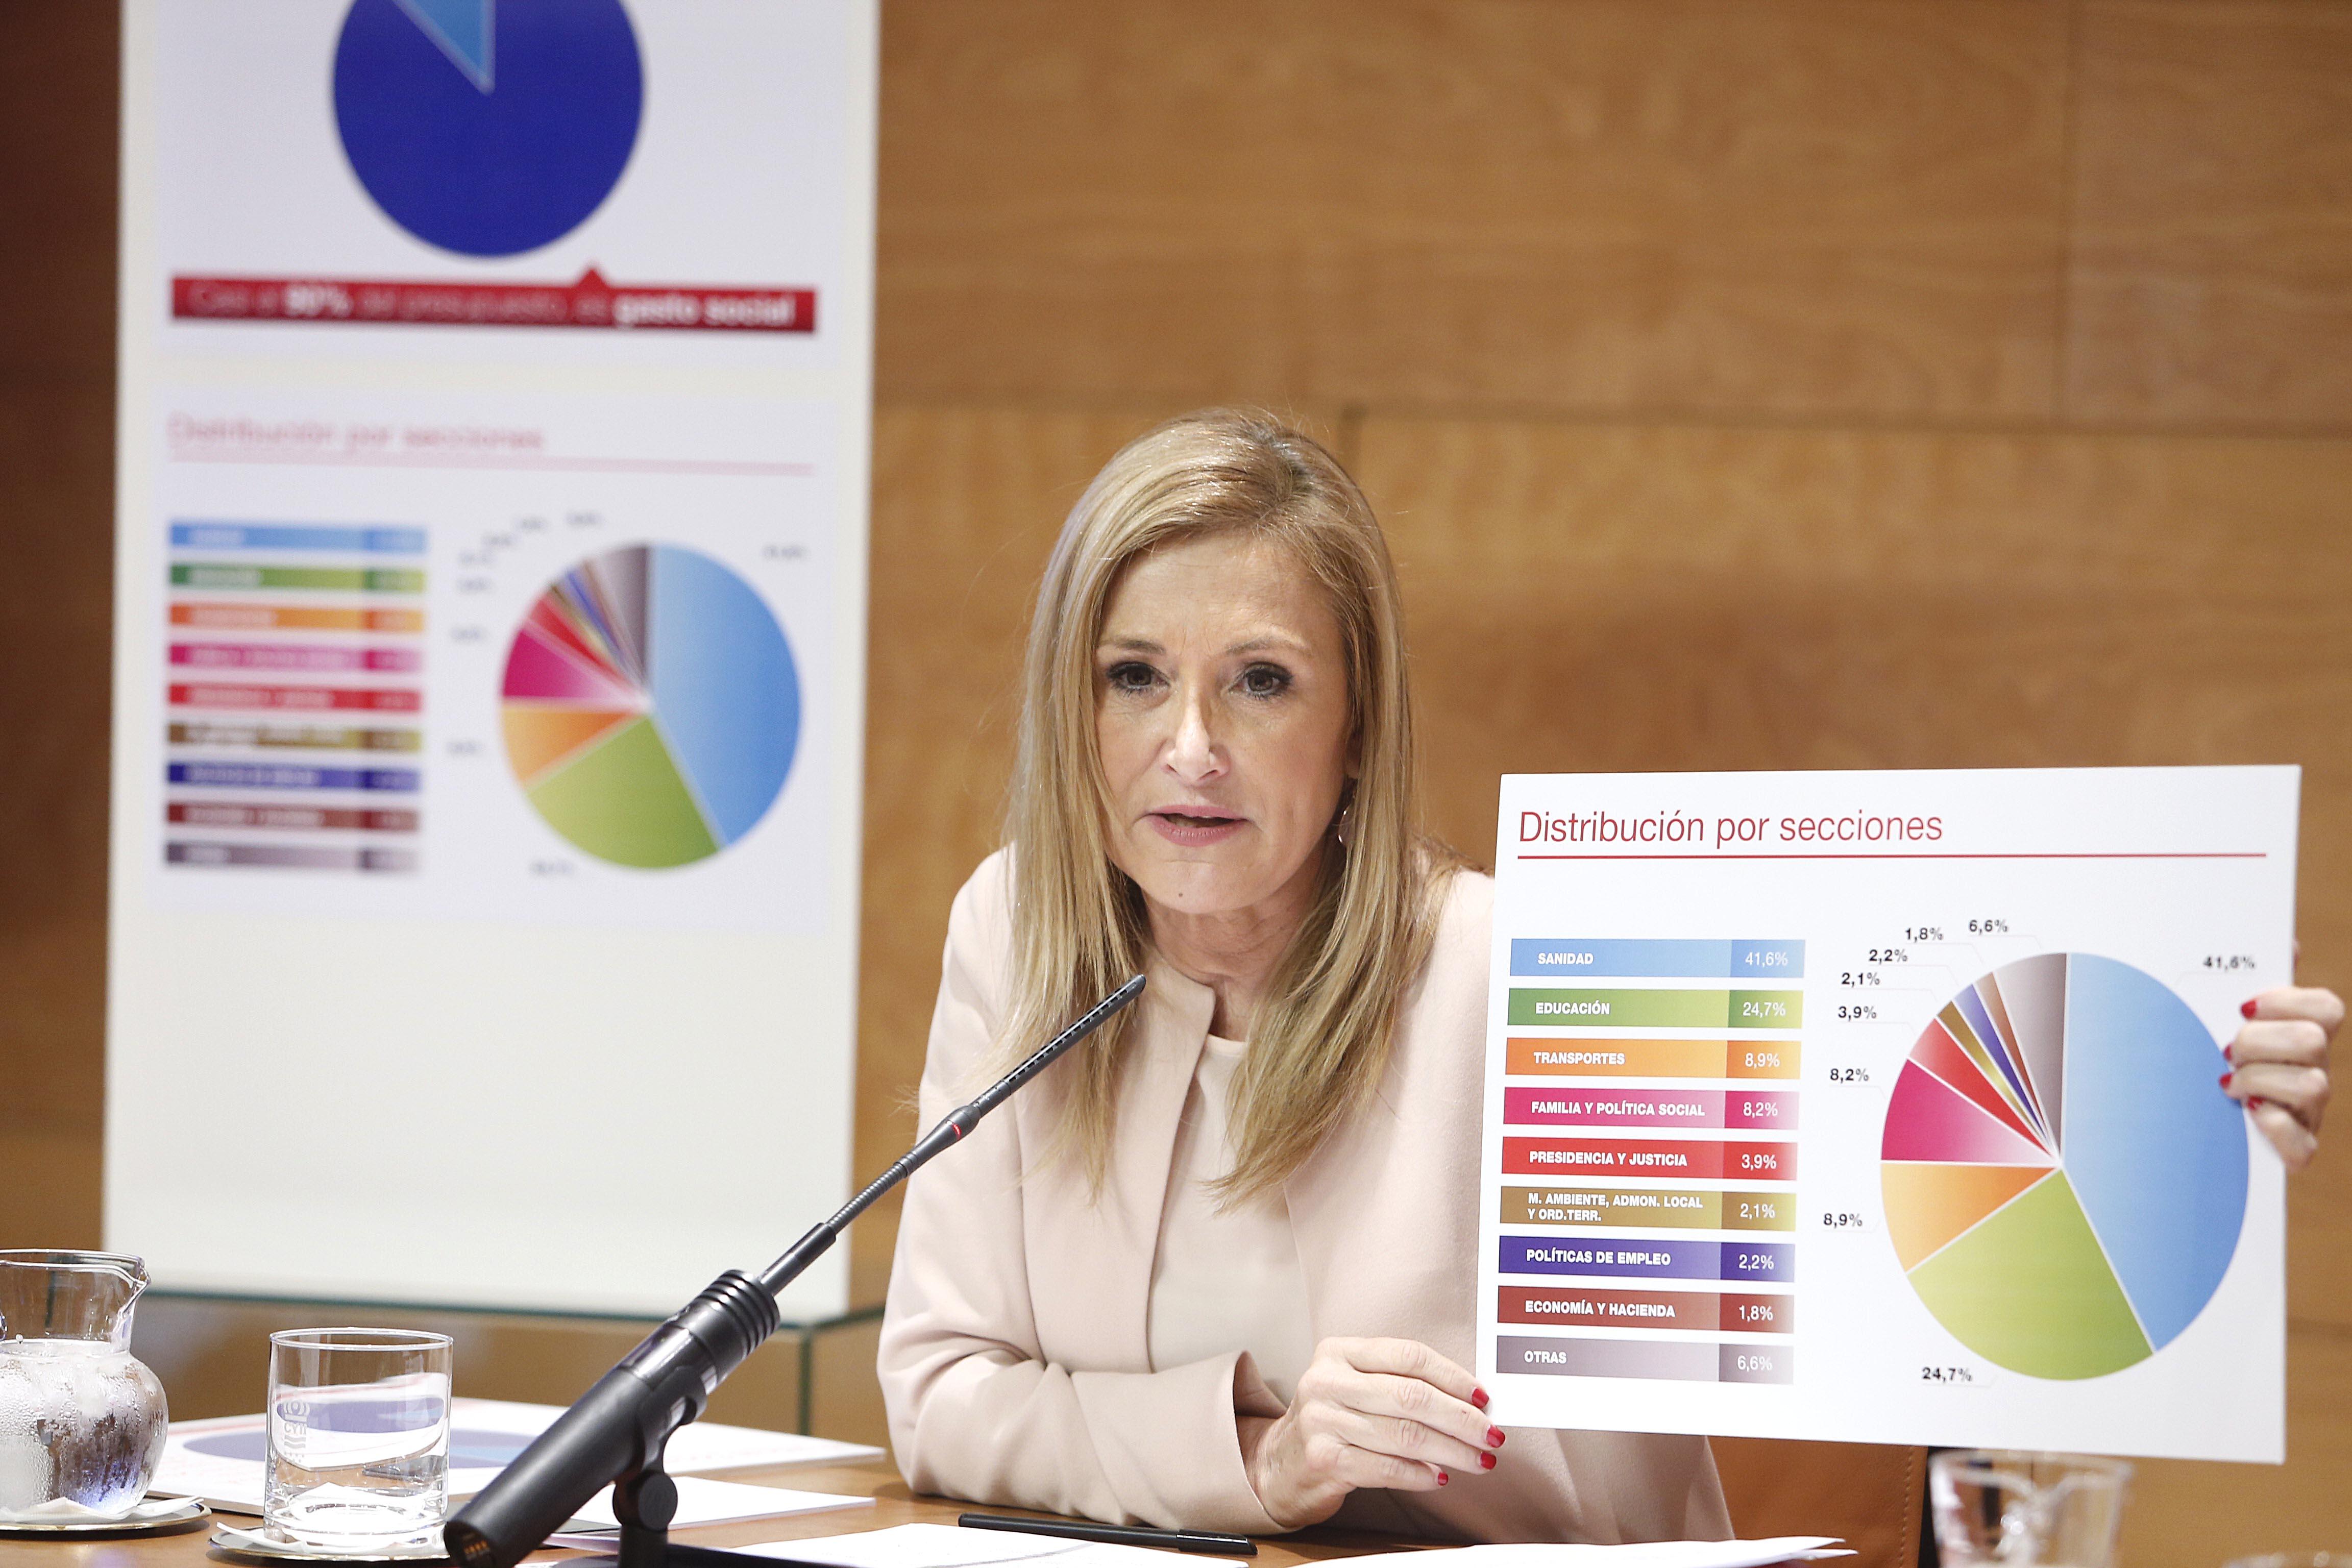 CIFUENTES PRESIDE LA REUNIÓN DEL CONSEJO DE GOBIERNO EXTRAORDINARIO PARA LA APROBACIÓN DEL PROYECTO DE PRESUPUESTOS La presidenta de la Comunidad de Madrid, Cristina Cifuentes, preside la reunión del Consejo de Gobierno extraordinario para la aprobación del proyecto de los presupuestos de 2016.  Foto: D.Sinova / Comunidad de Madrid